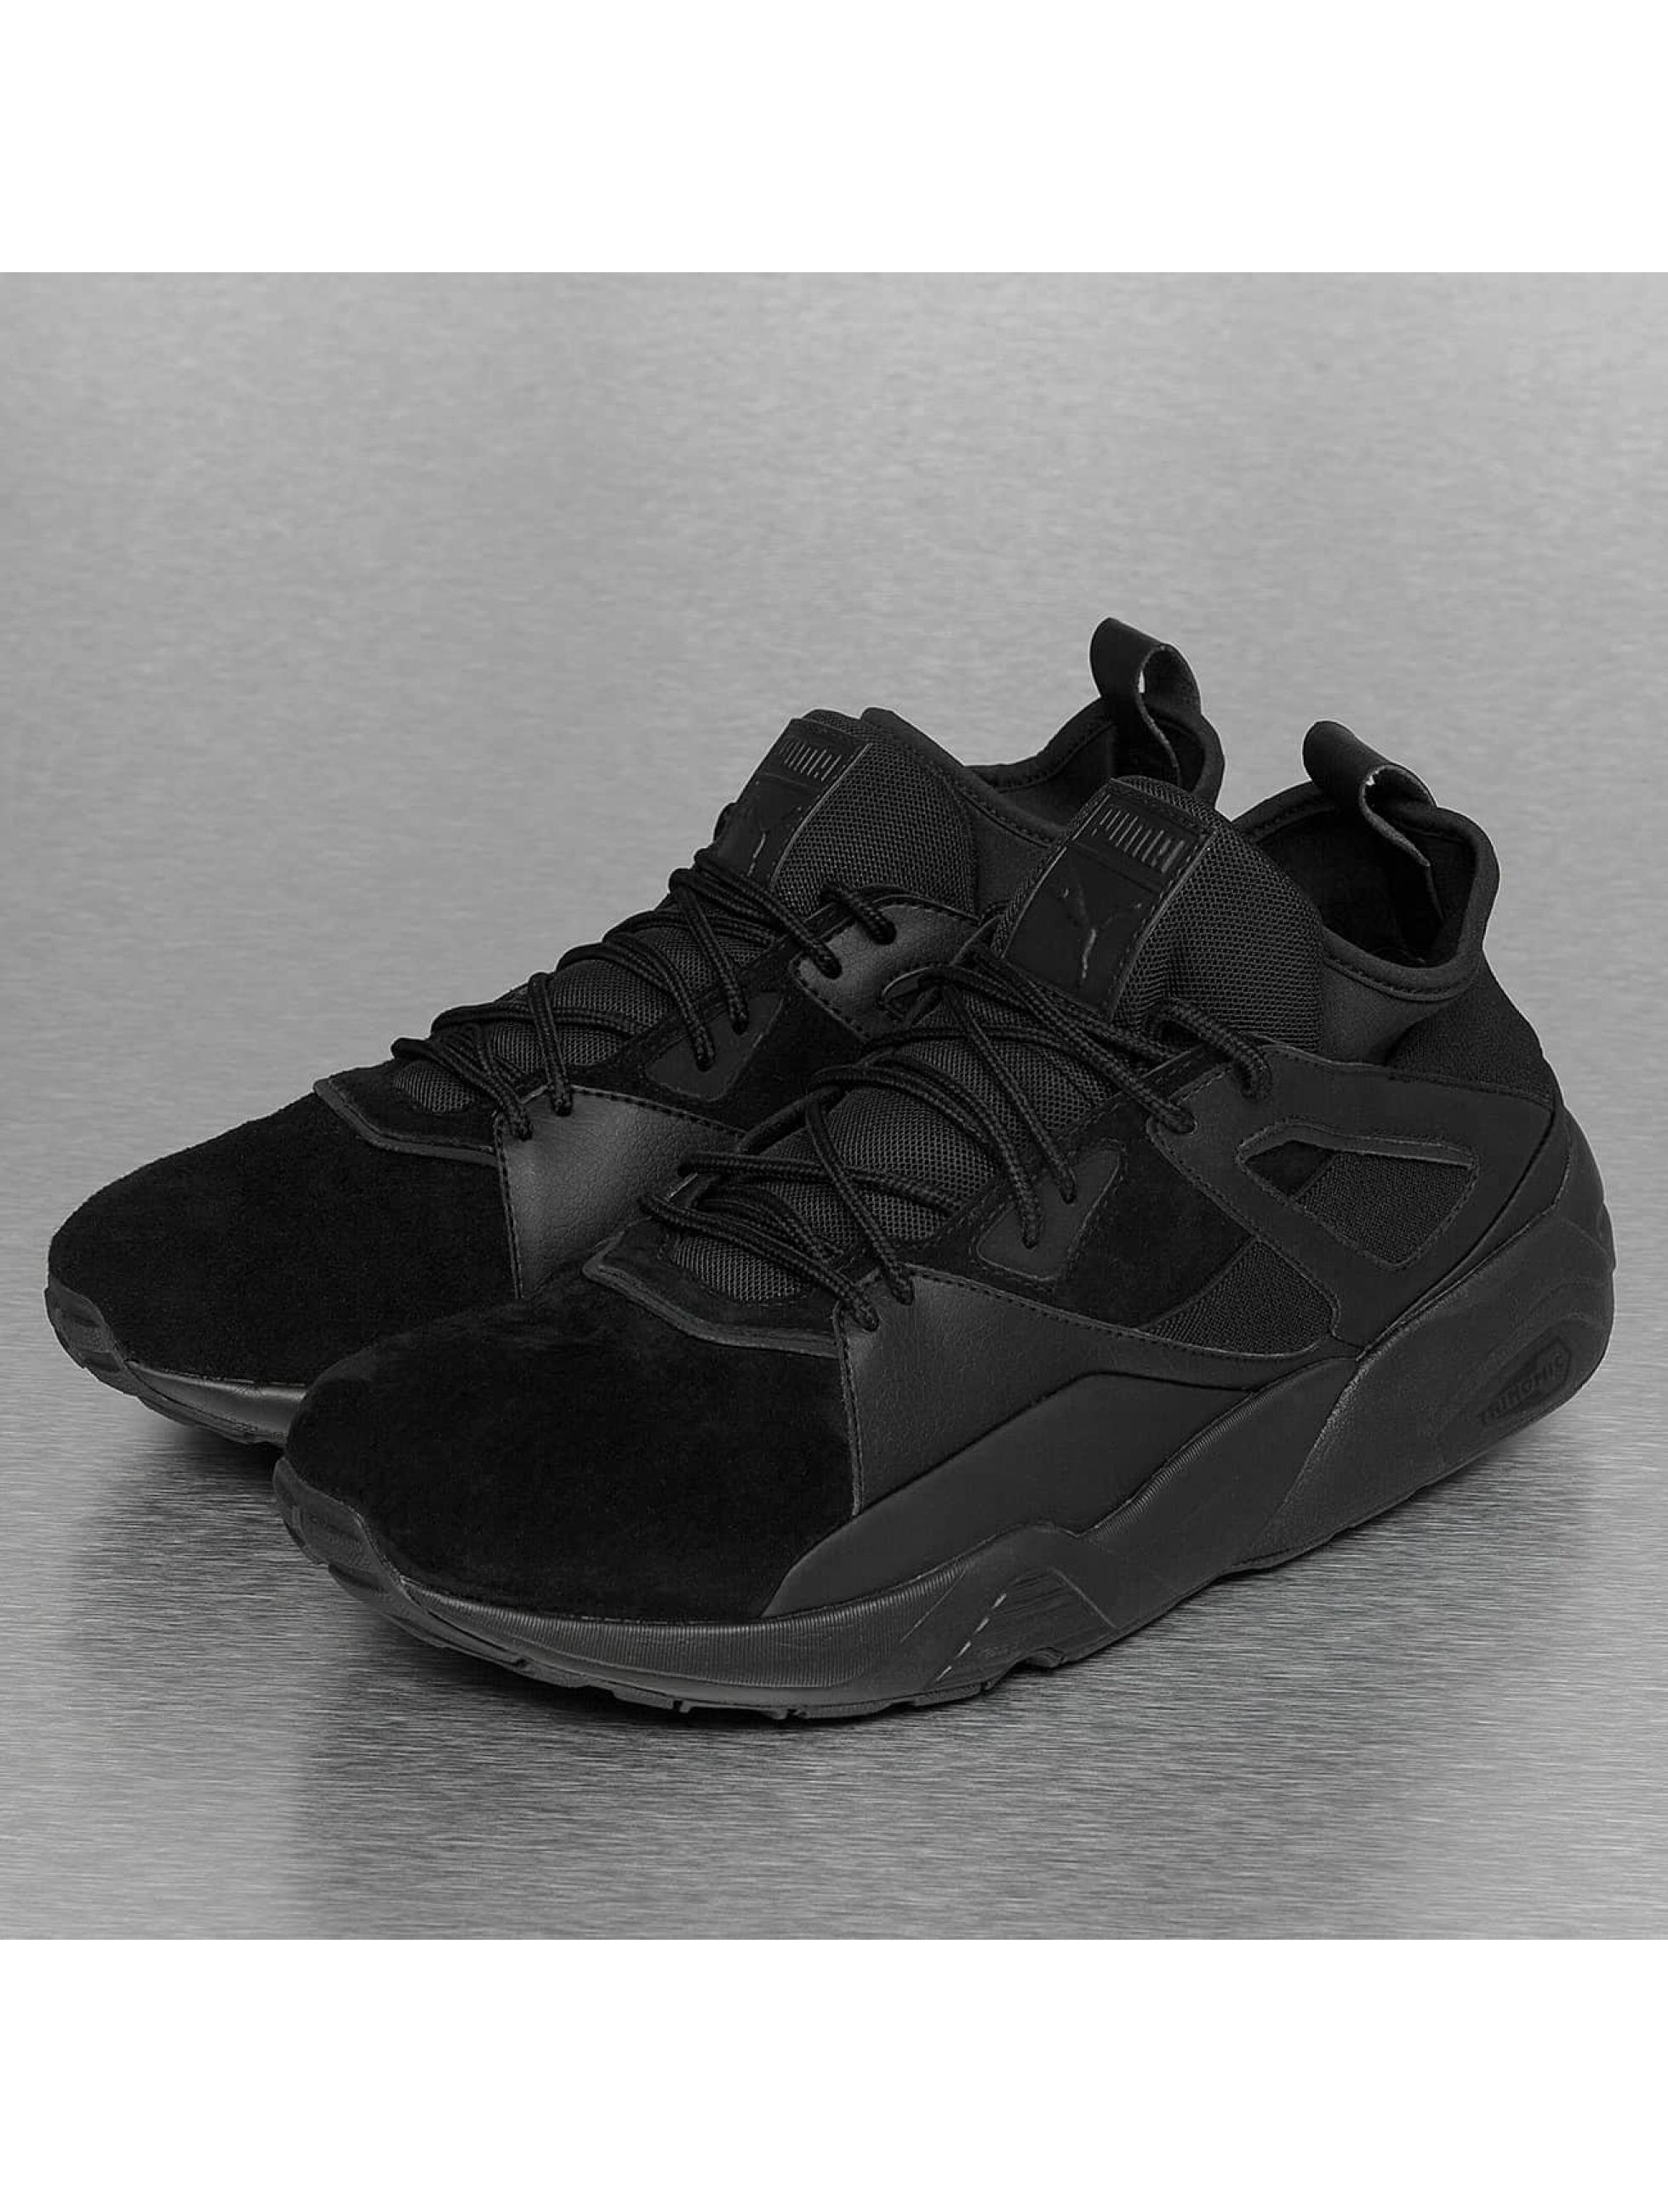 Puma Sneakers Zwart Grijs